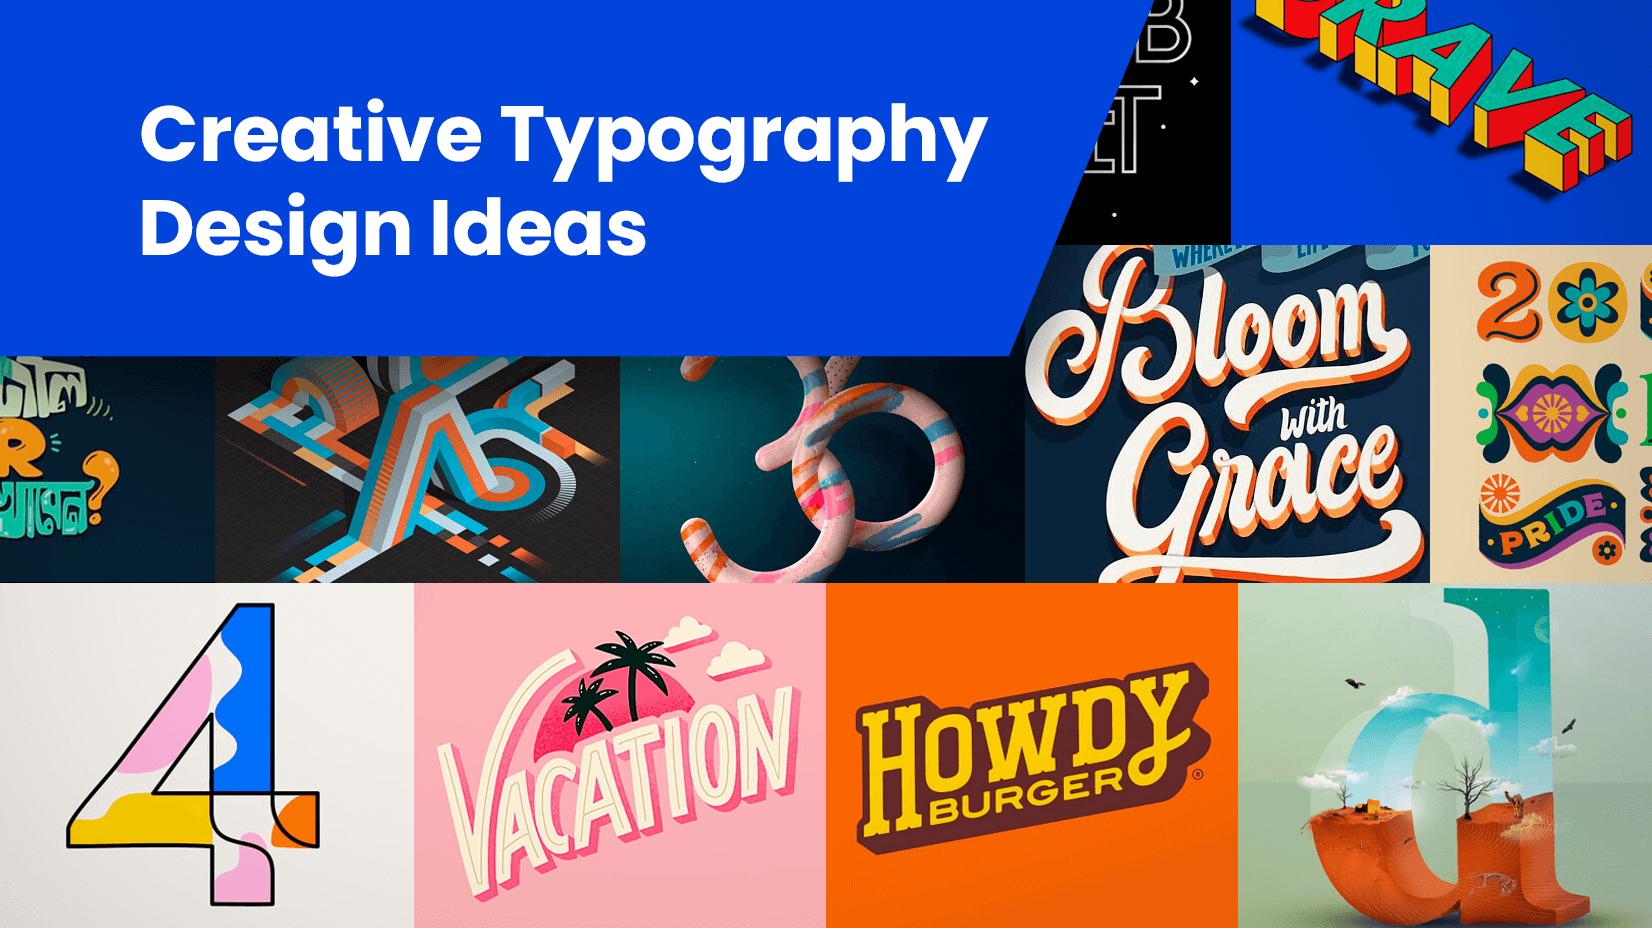 让字体排版更加富有创意的 14 种实用流行方法